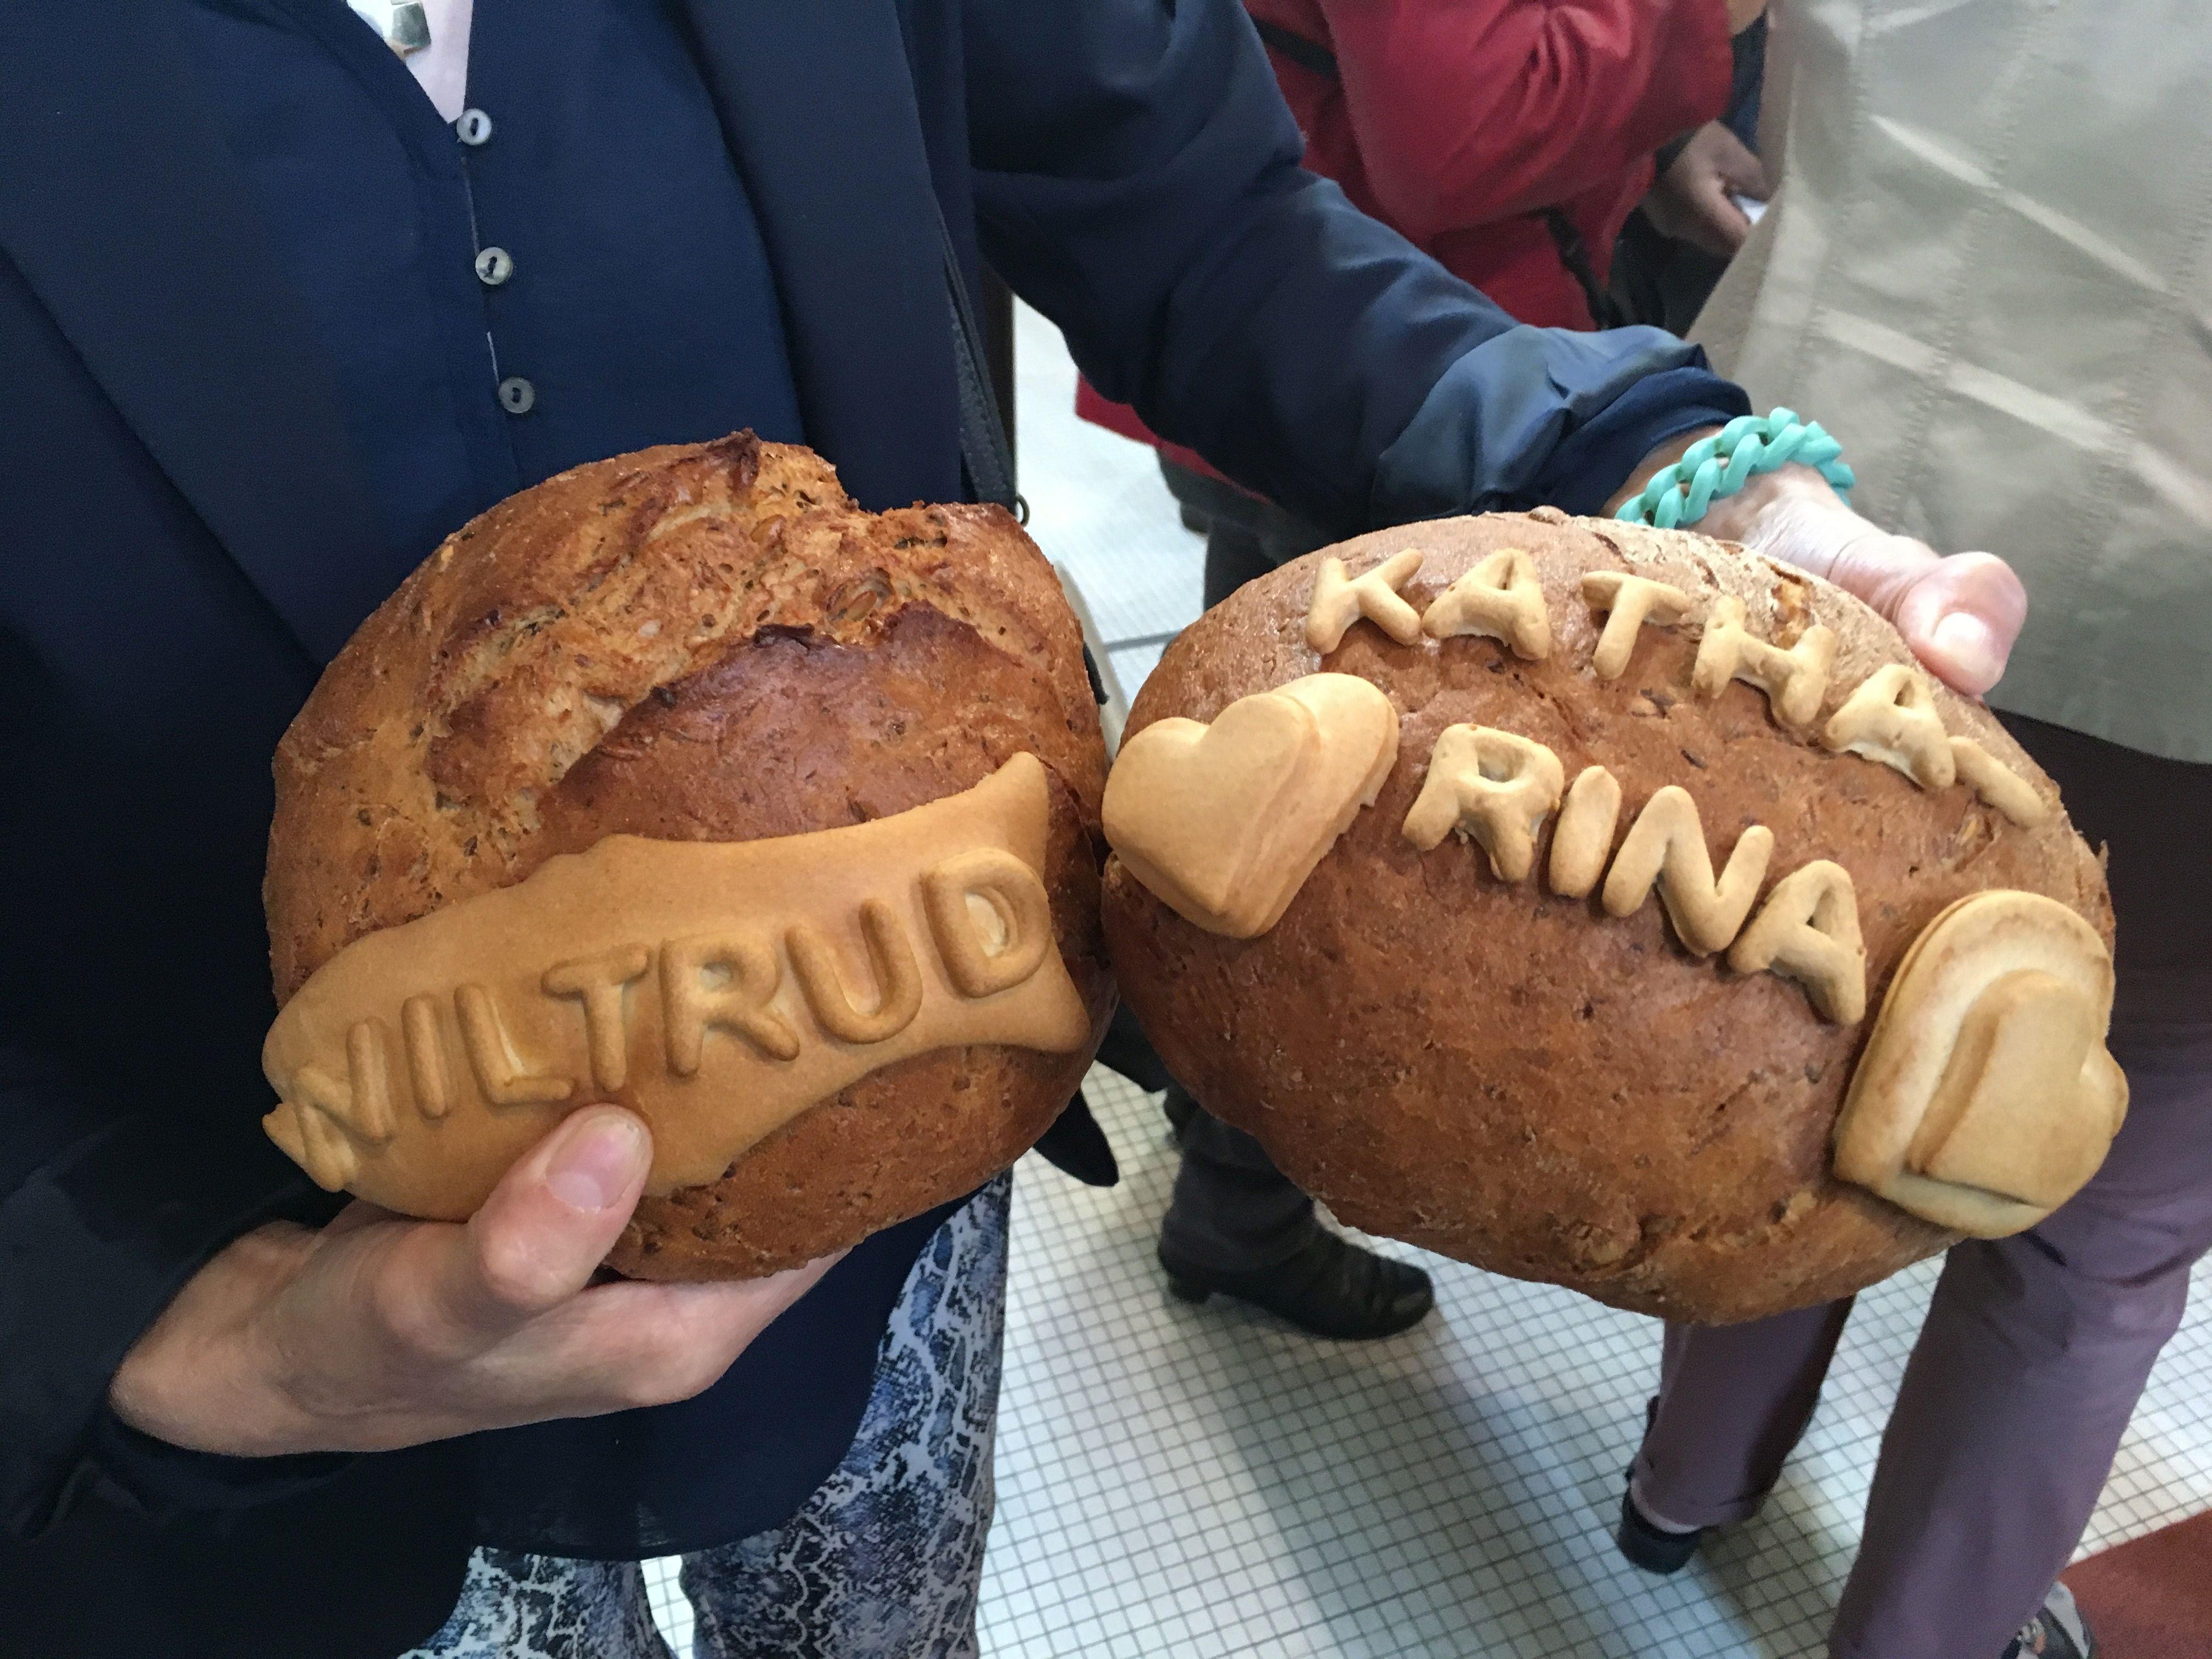 Brote backen für einen guten Zweck